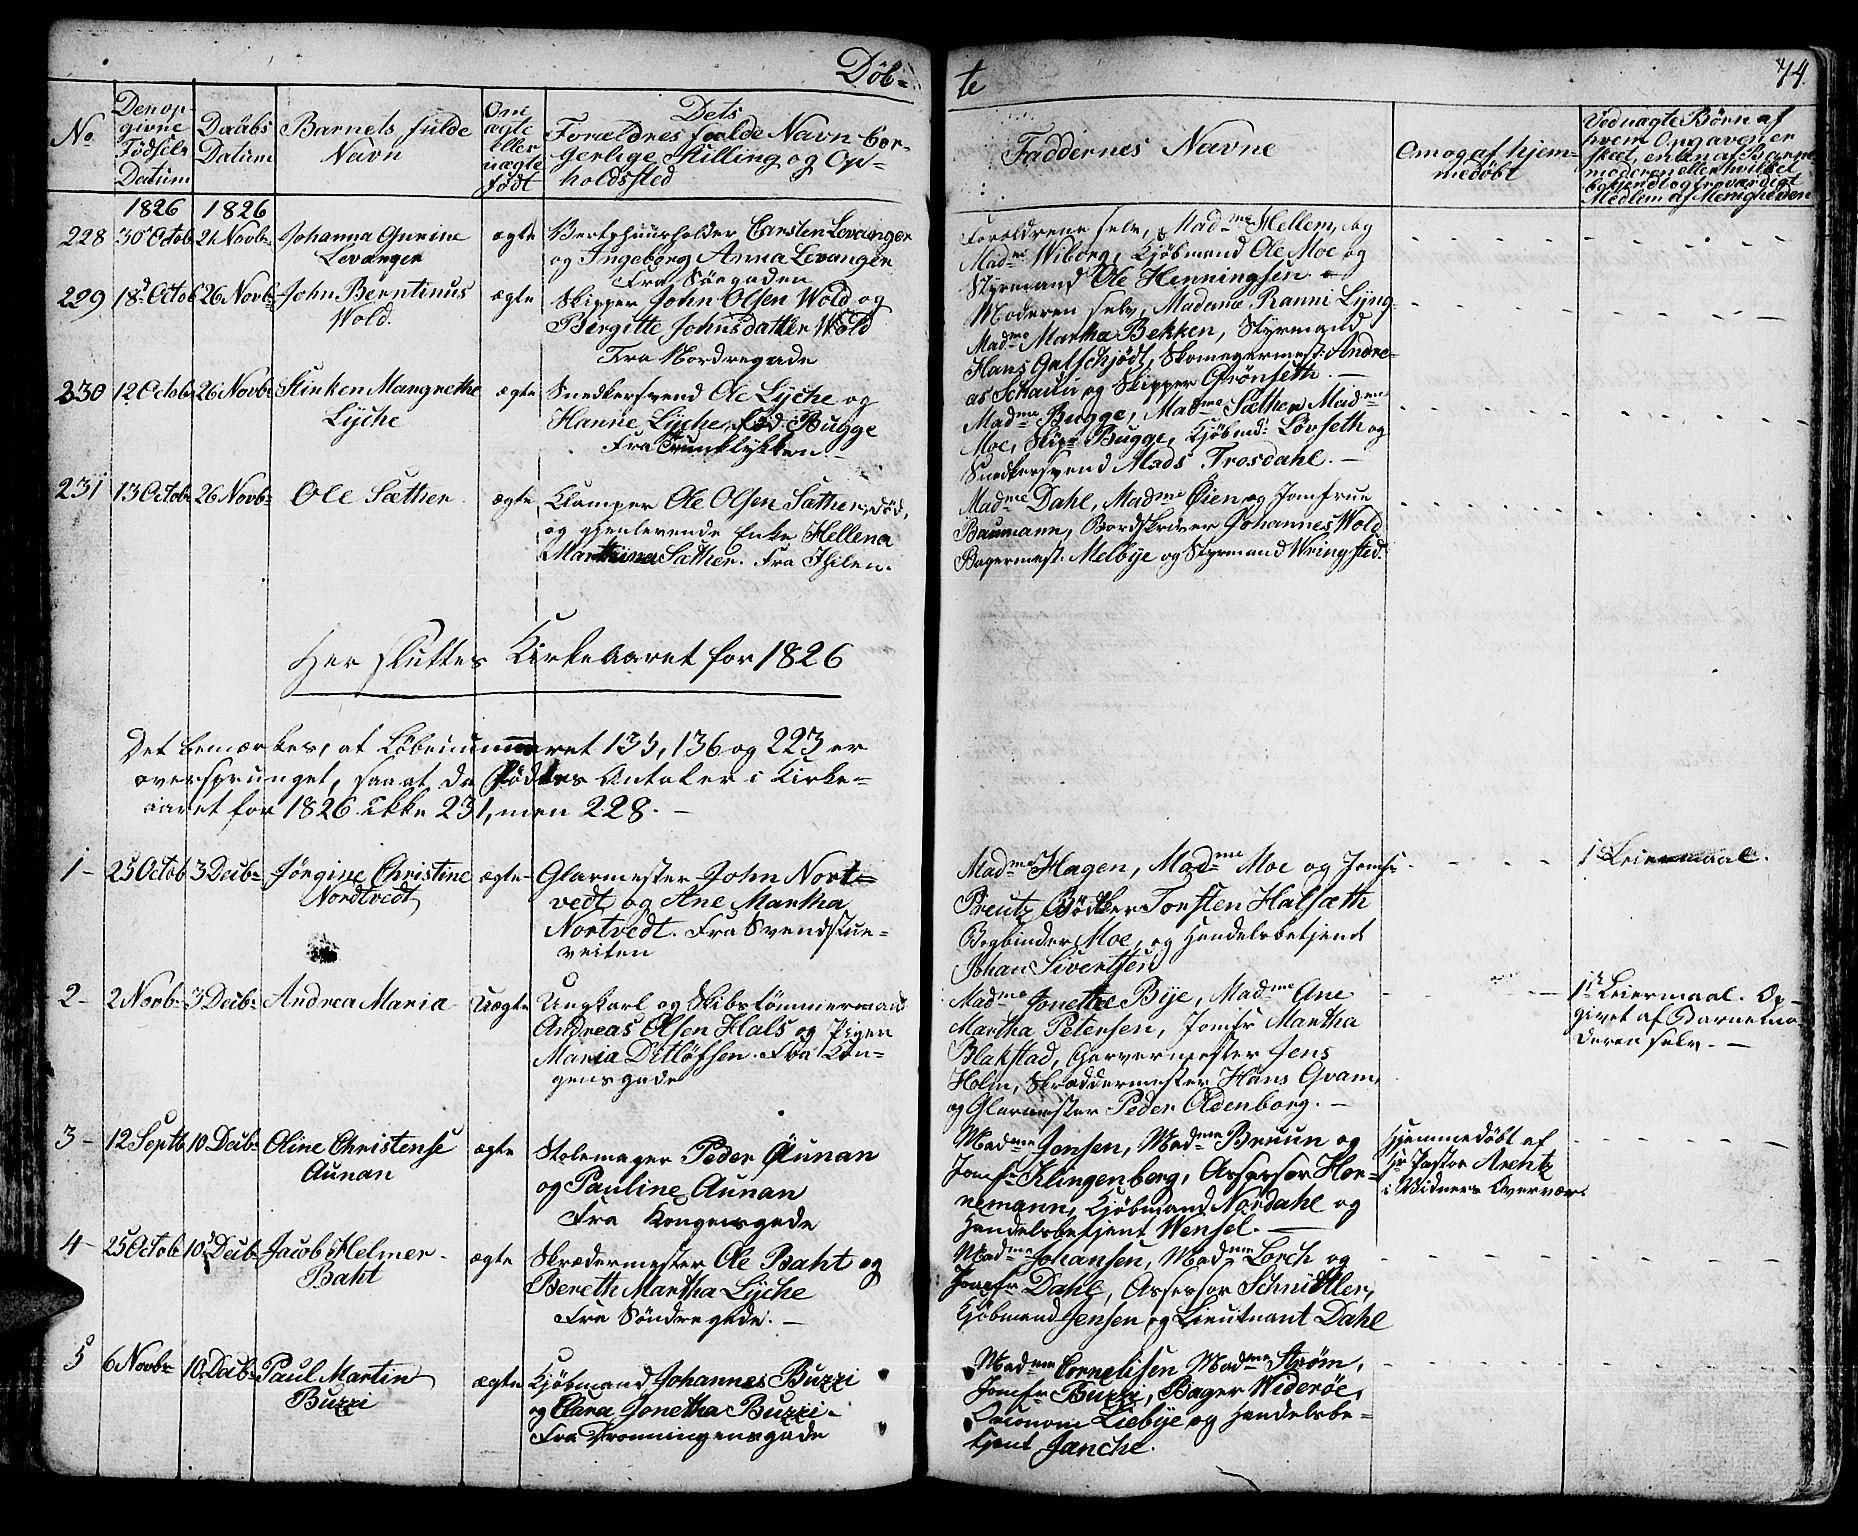 SAT, Ministerialprotokoller, klokkerbøker og fødselsregistre - Sør-Trøndelag, 601/L0045: Ministerialbok nr. 601A13, 1821-1831, s. 74